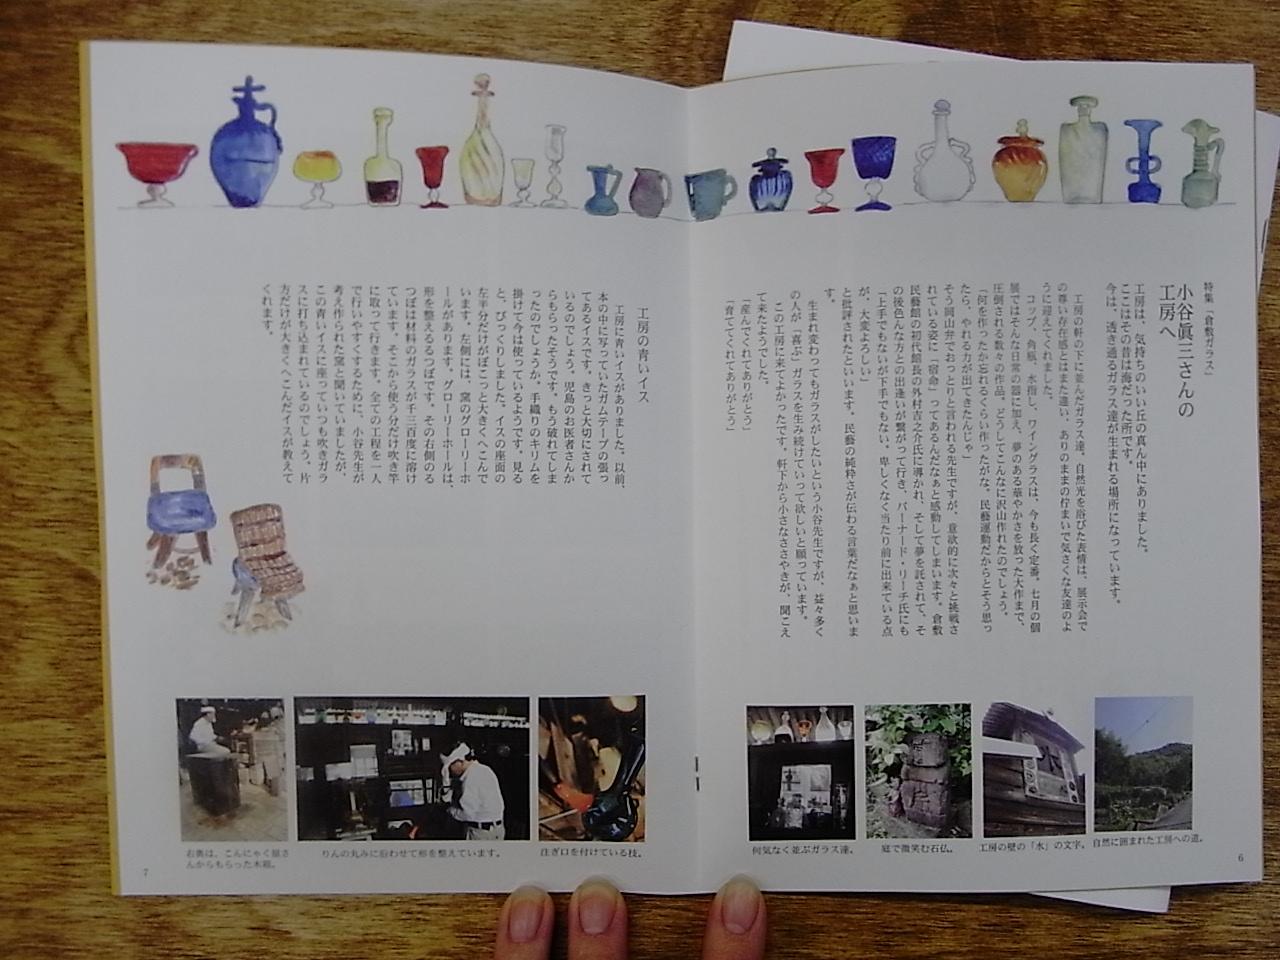 本明朝体,雑誌「日暮らし」,琵琶湖好き_c0202060_1281633.jpg